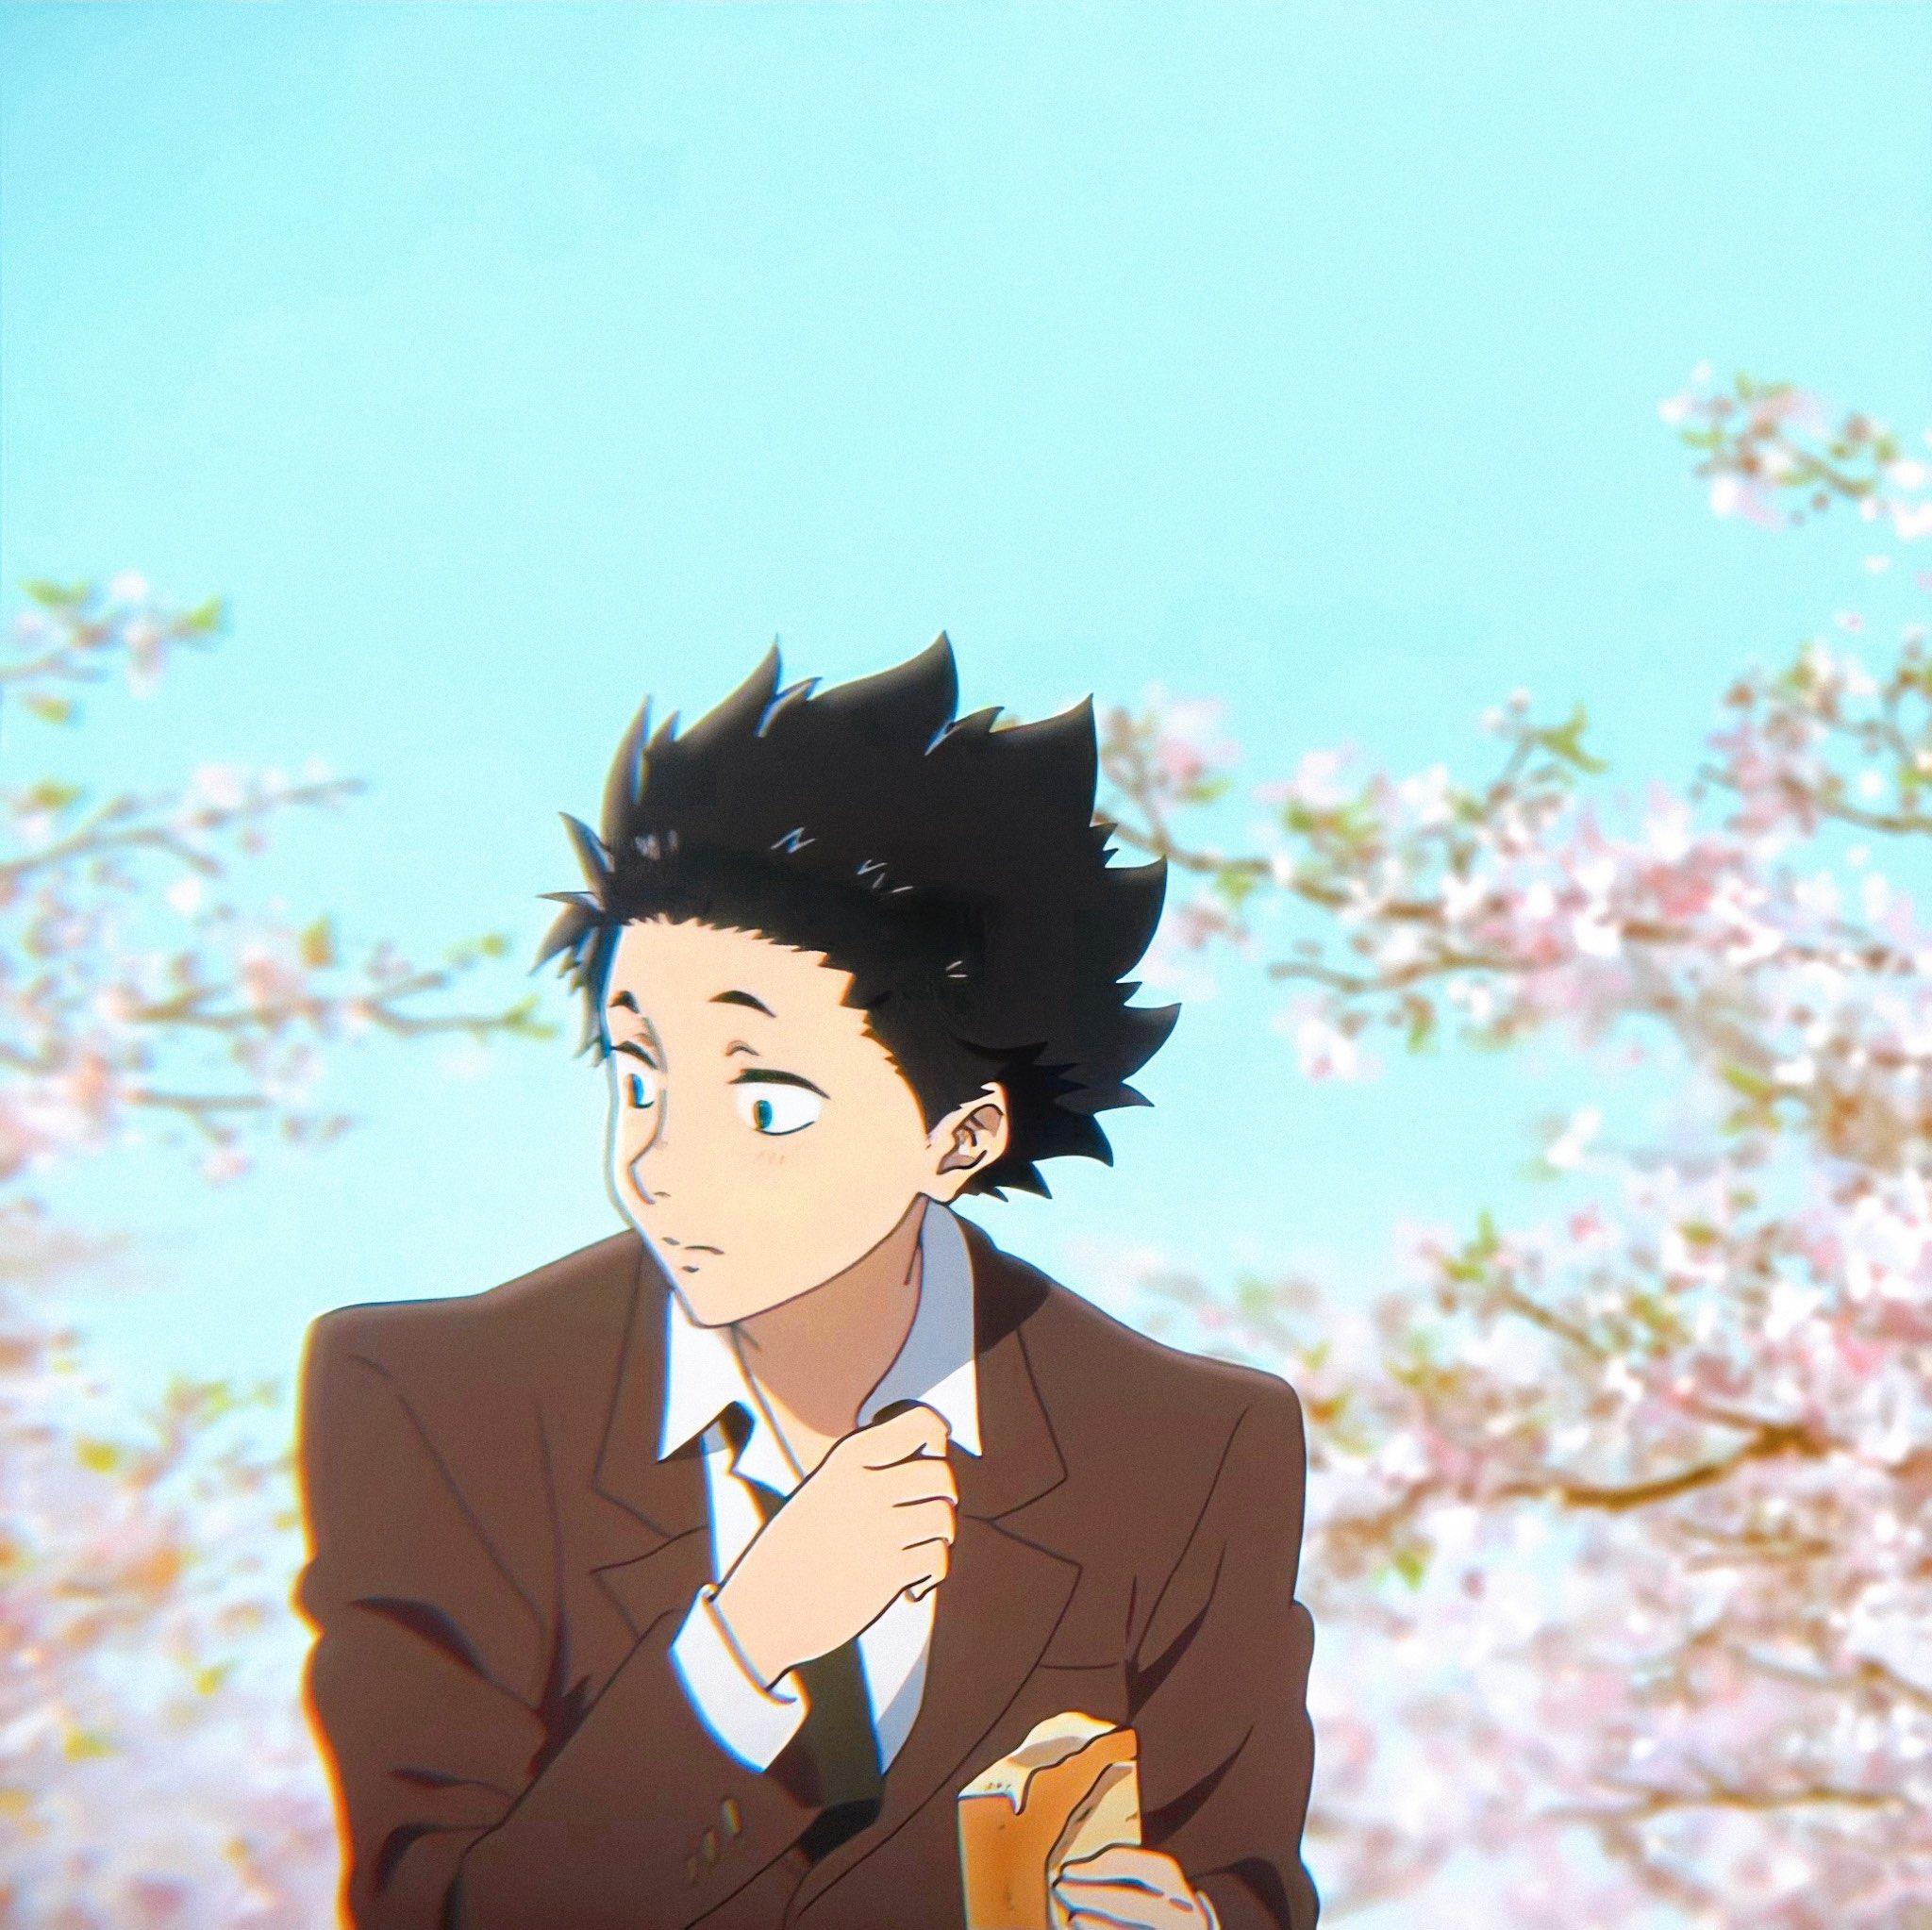 Lengkap foto profile facebook couple anime romantis sedih keren part 2. Pp Anime Couple Terpisah Lengkap Terbaru Informasi Teknologi Com